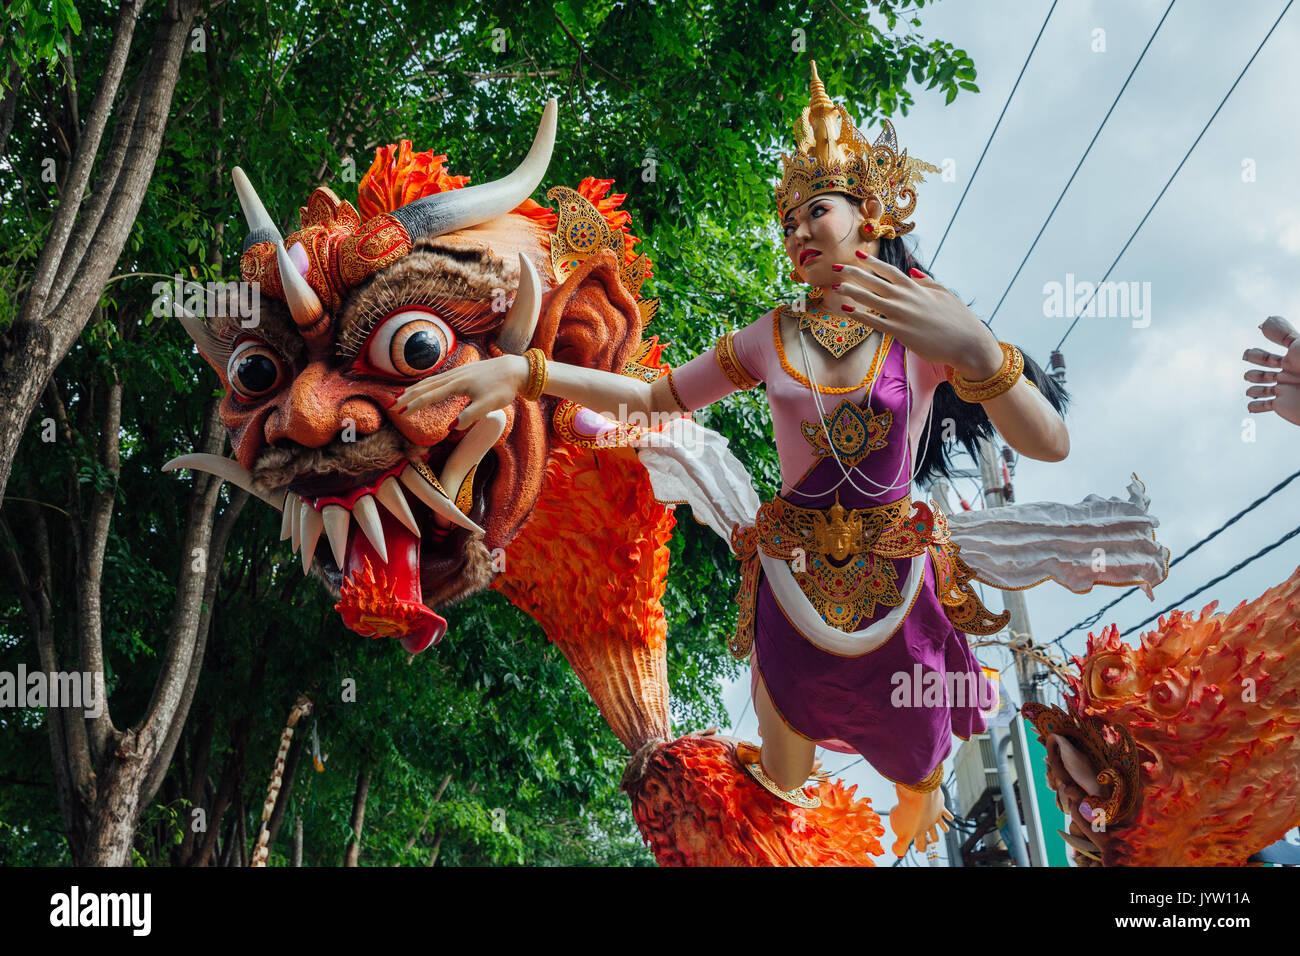 Bali, Indonésie - Mars 08, 2016: Ogoh-Ogoh de statues dans la parade pendant les célébrations du Nouvel An balinais sur 08 mars 2016 à Bali, Indonésie. Photo Stock